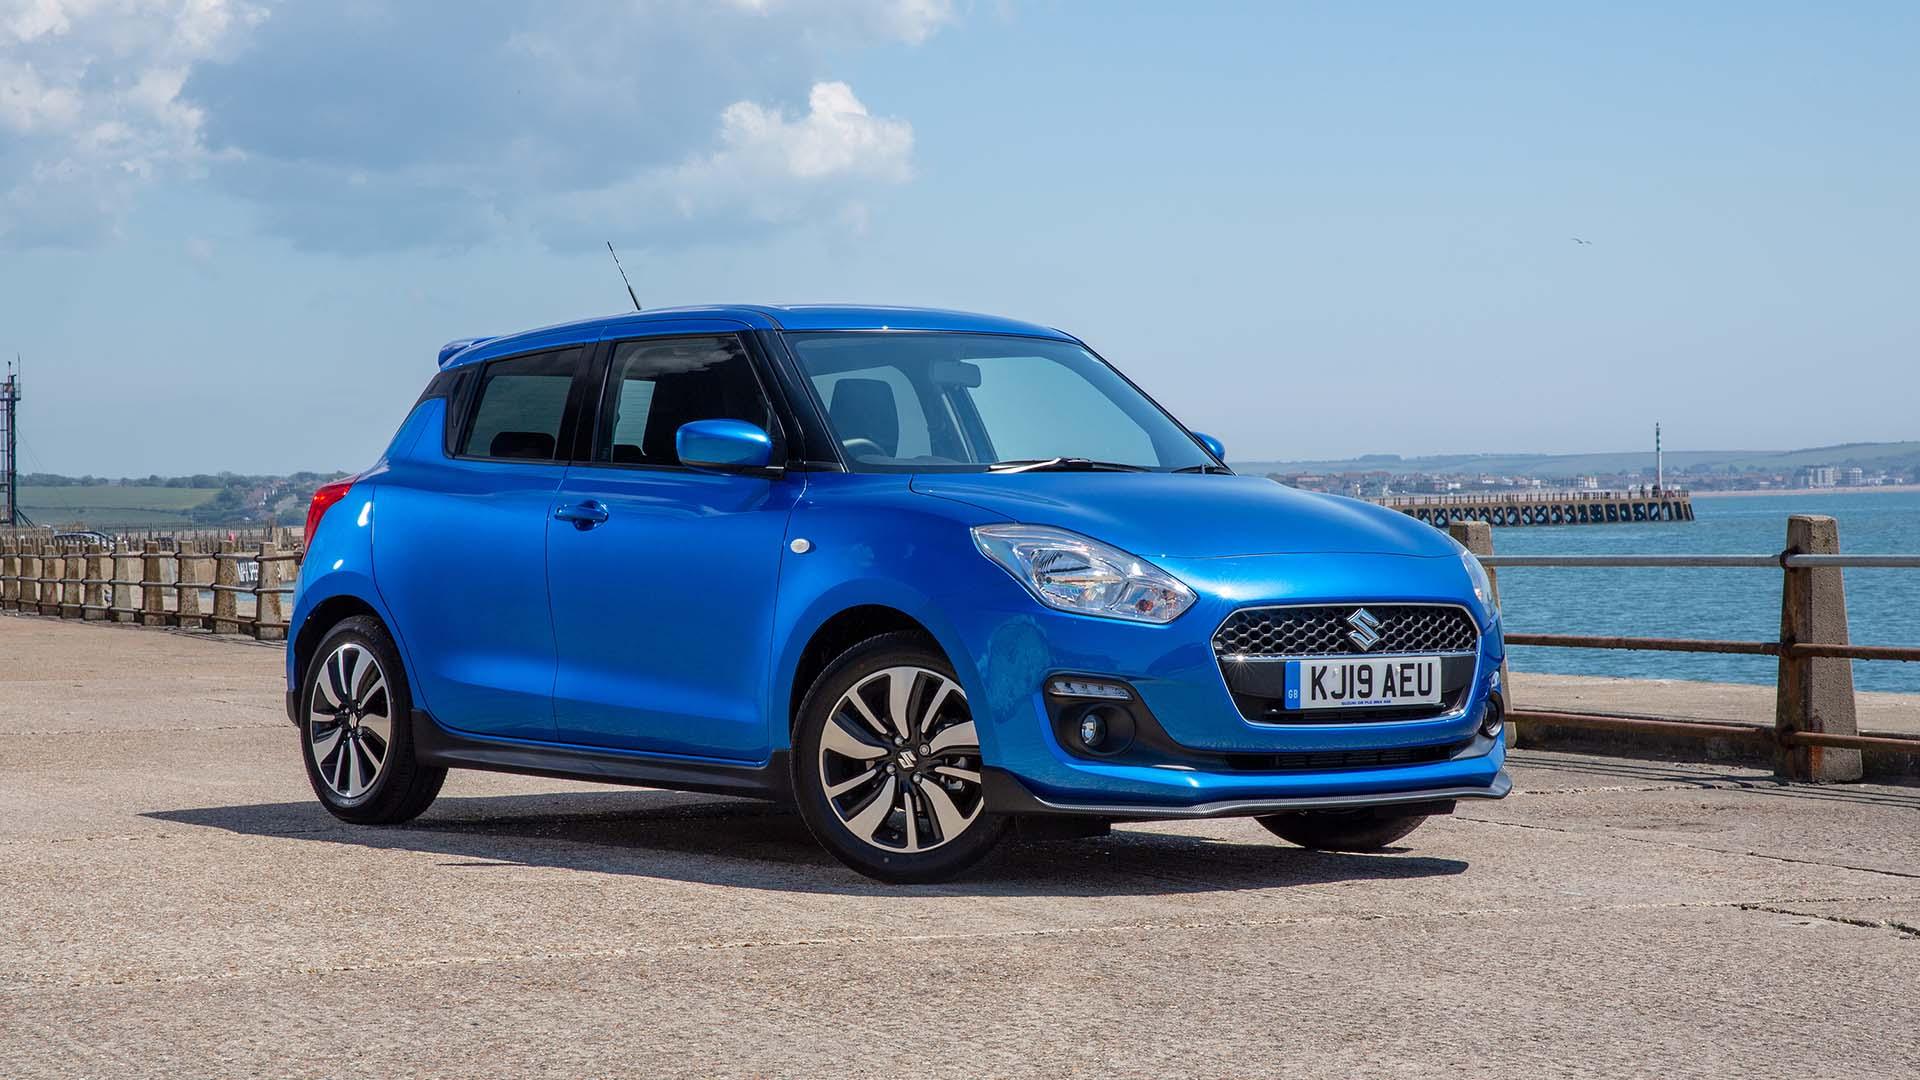 Suzuki Swift – from £13,749